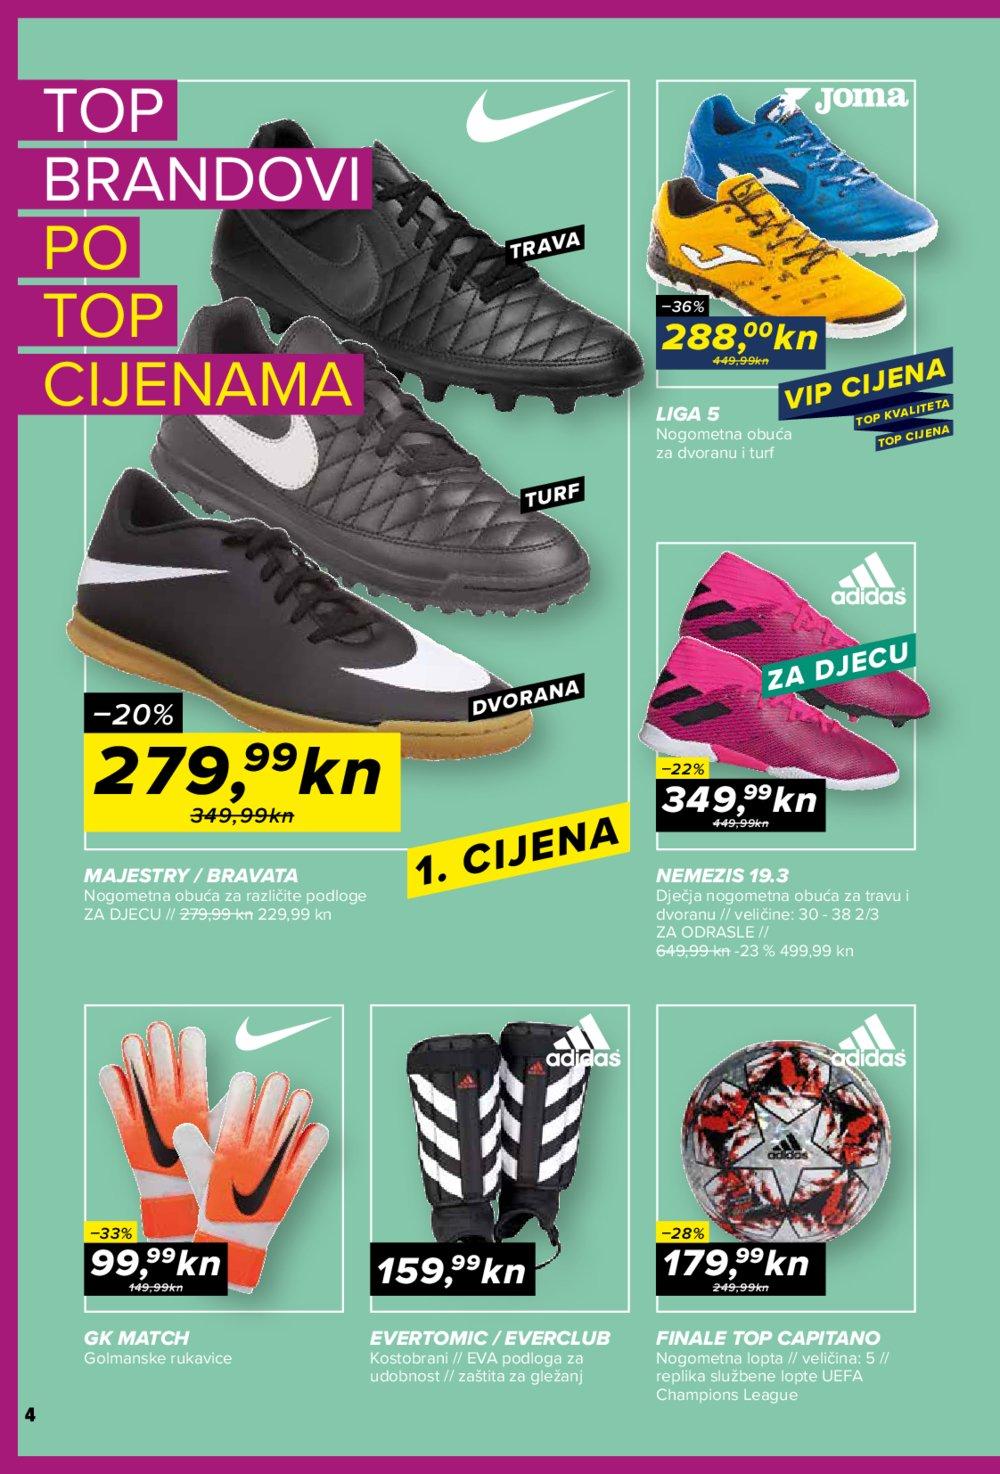 Hervis letak akcija Top brandovi 11.09. - 16.09.2019.